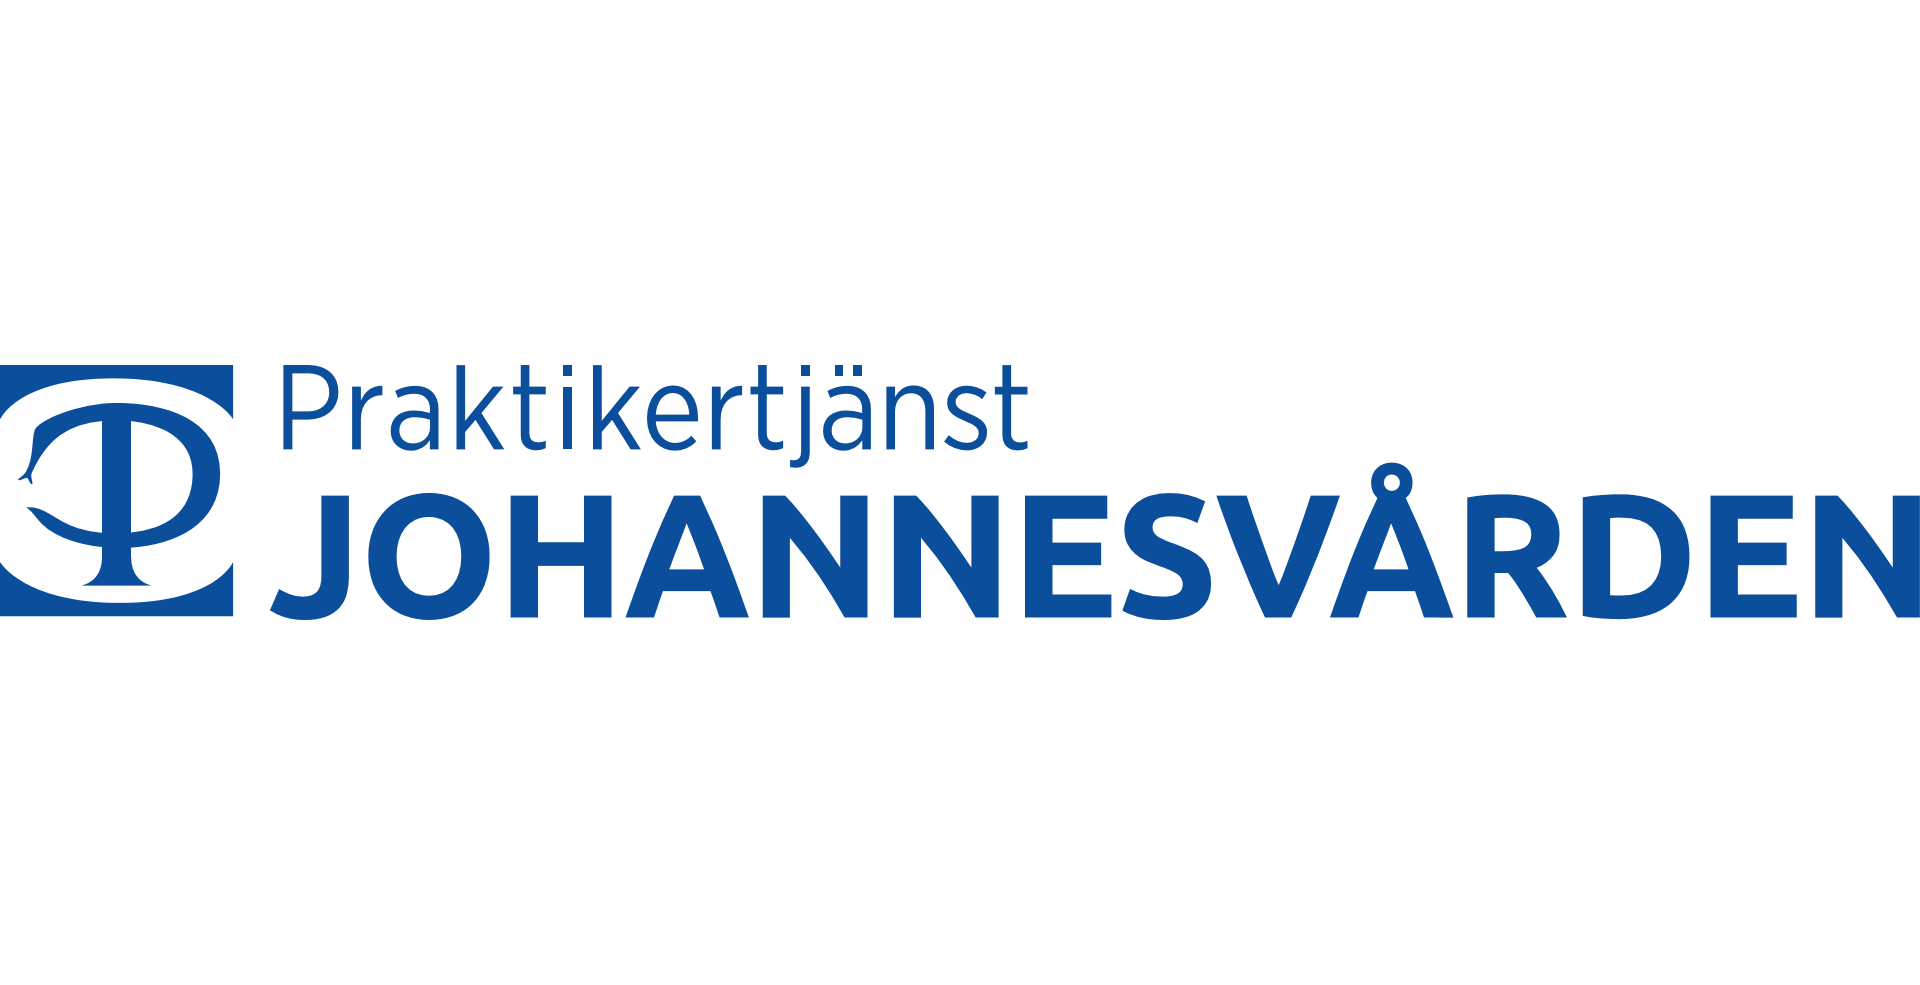 Johannesvården - Vårdcentral